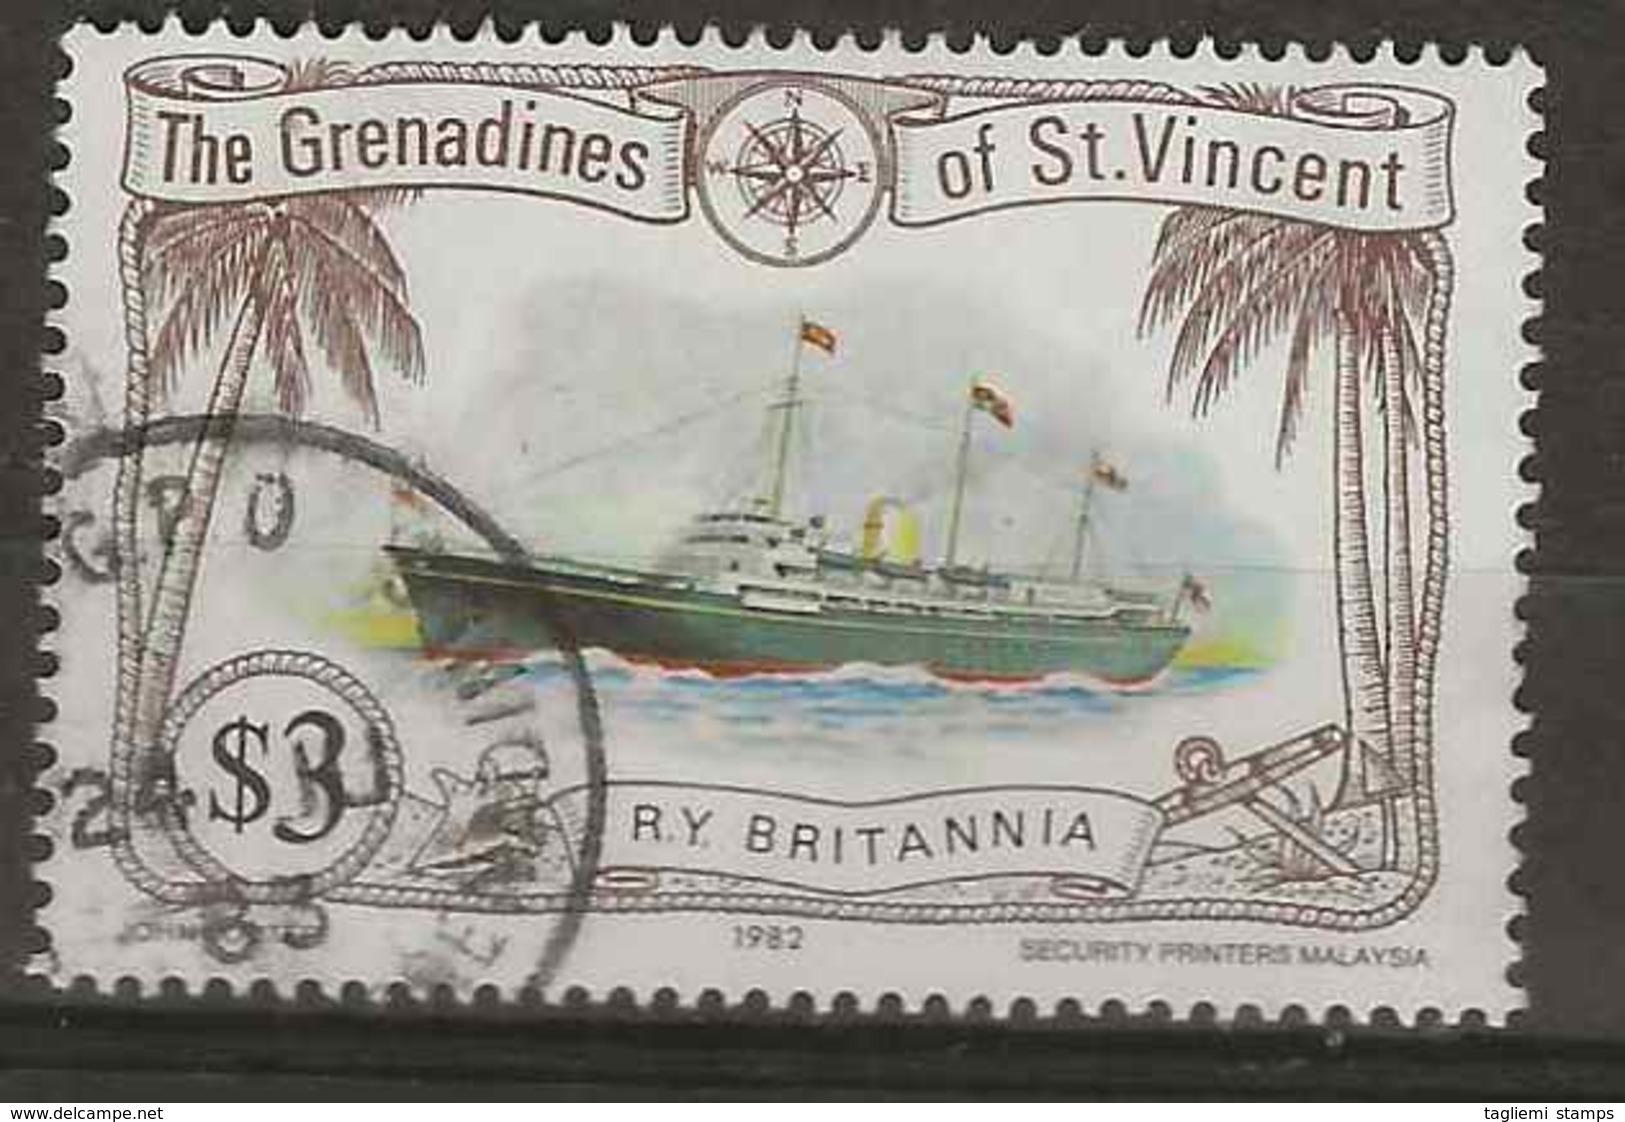 St Vincent Grenadines, 1982, SG 222, Used - St.Vincent & Grenadines